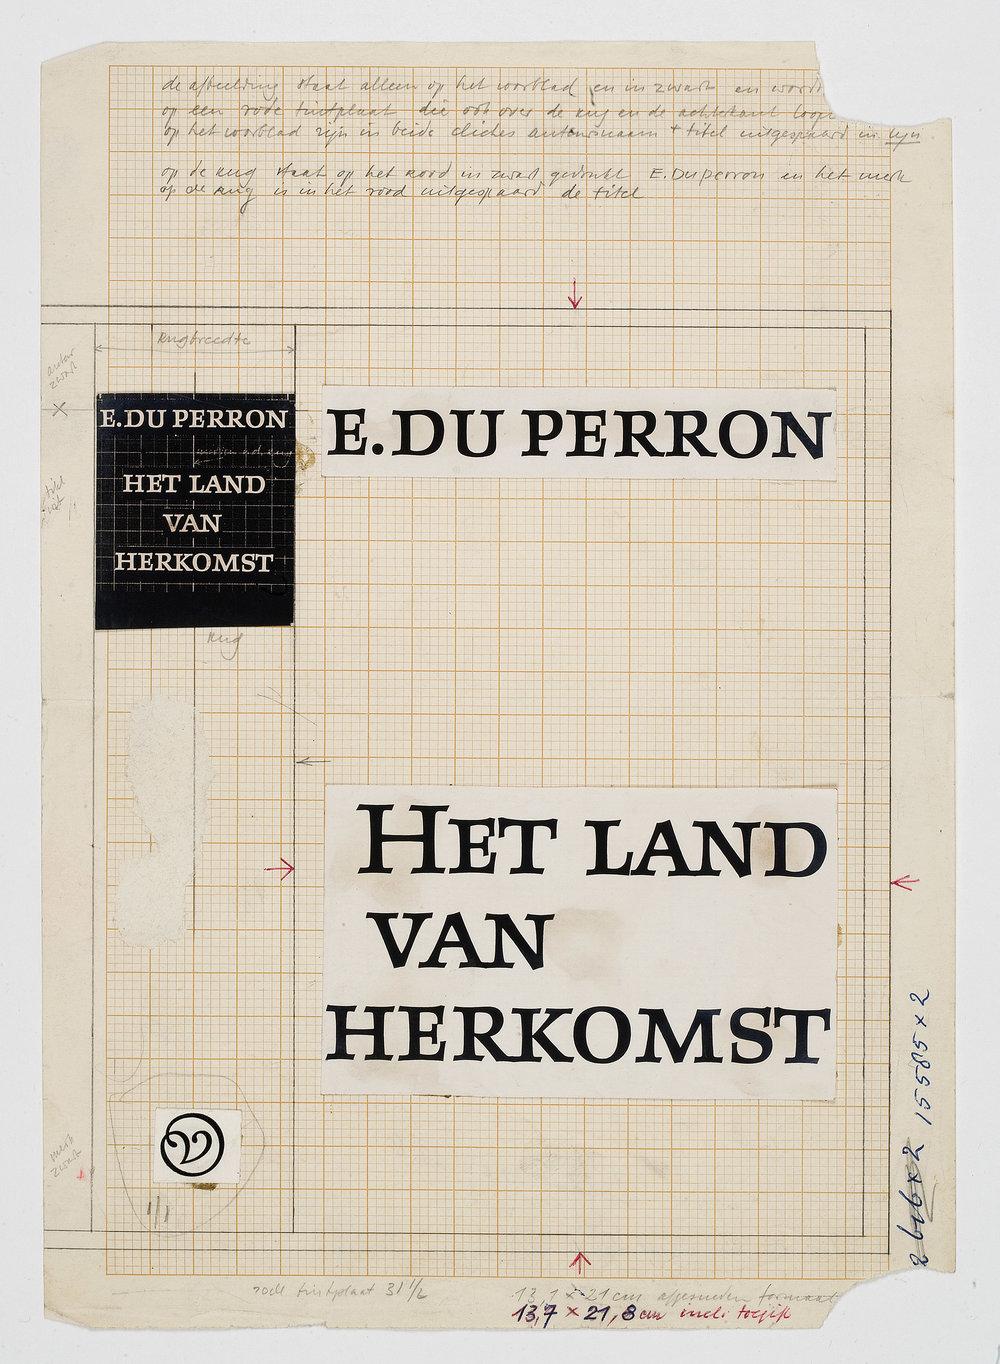 Helmut Salden Archive